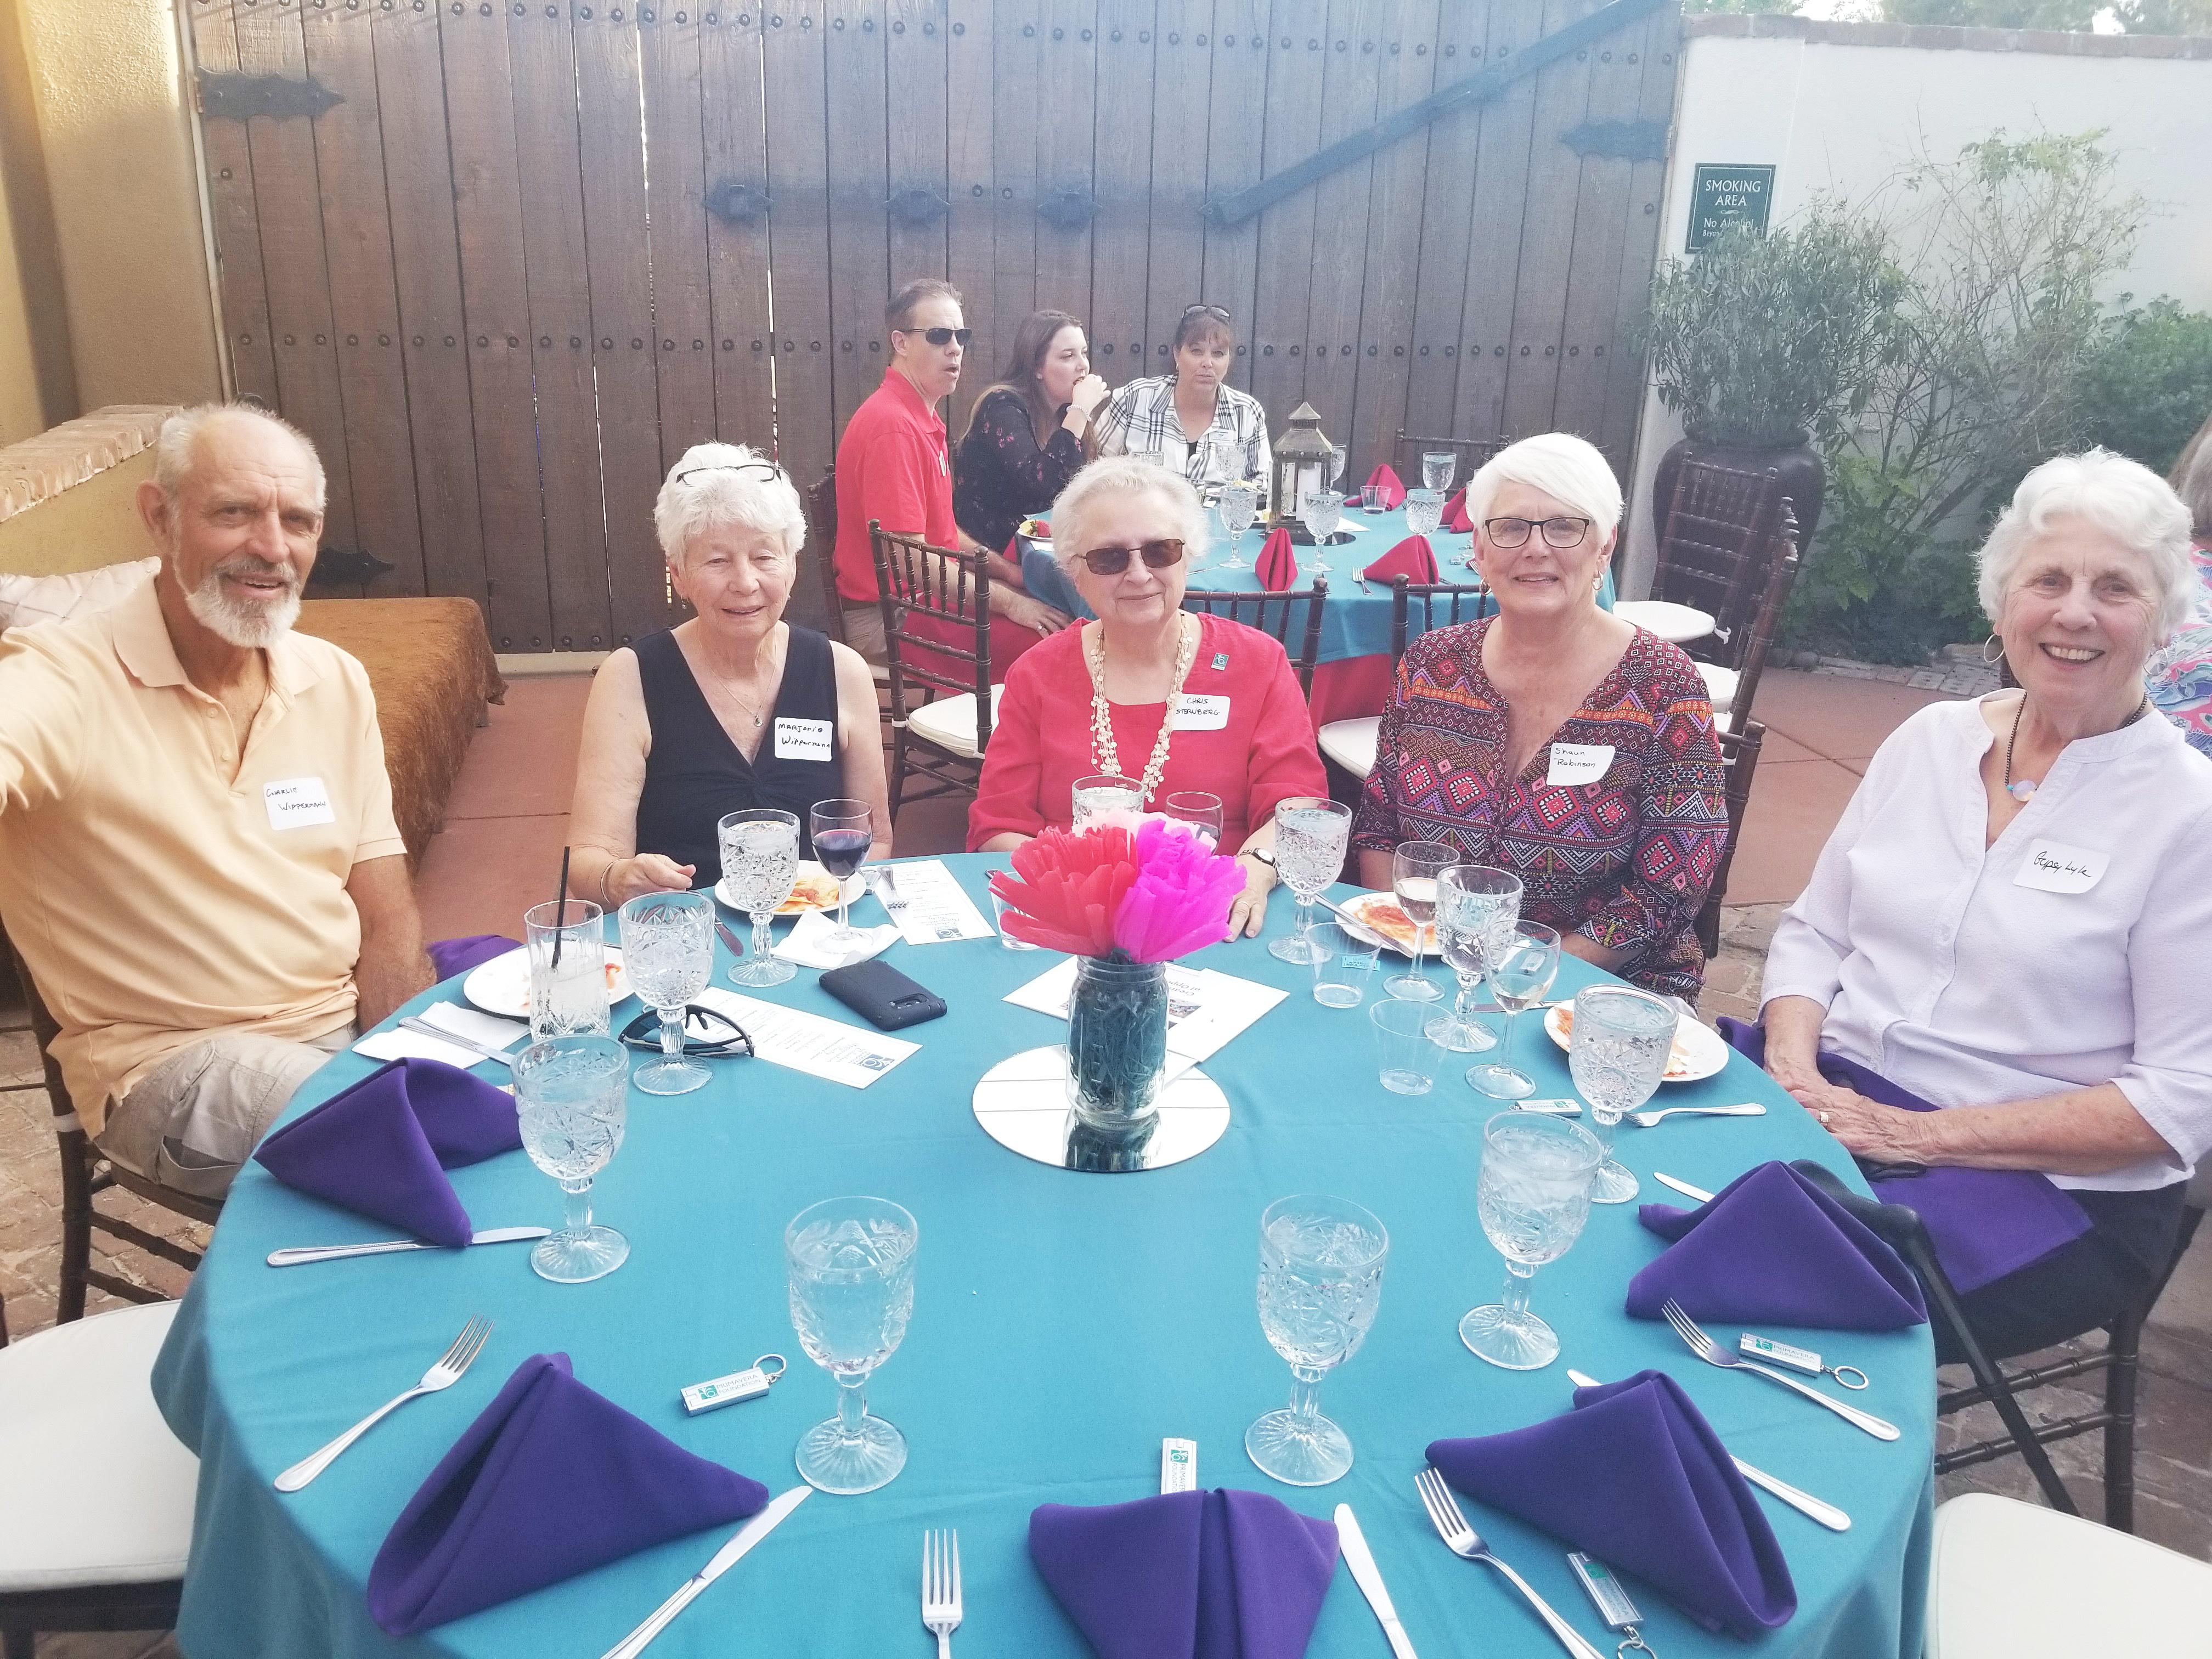 2019 Primavera Volunteer Appreciation Party